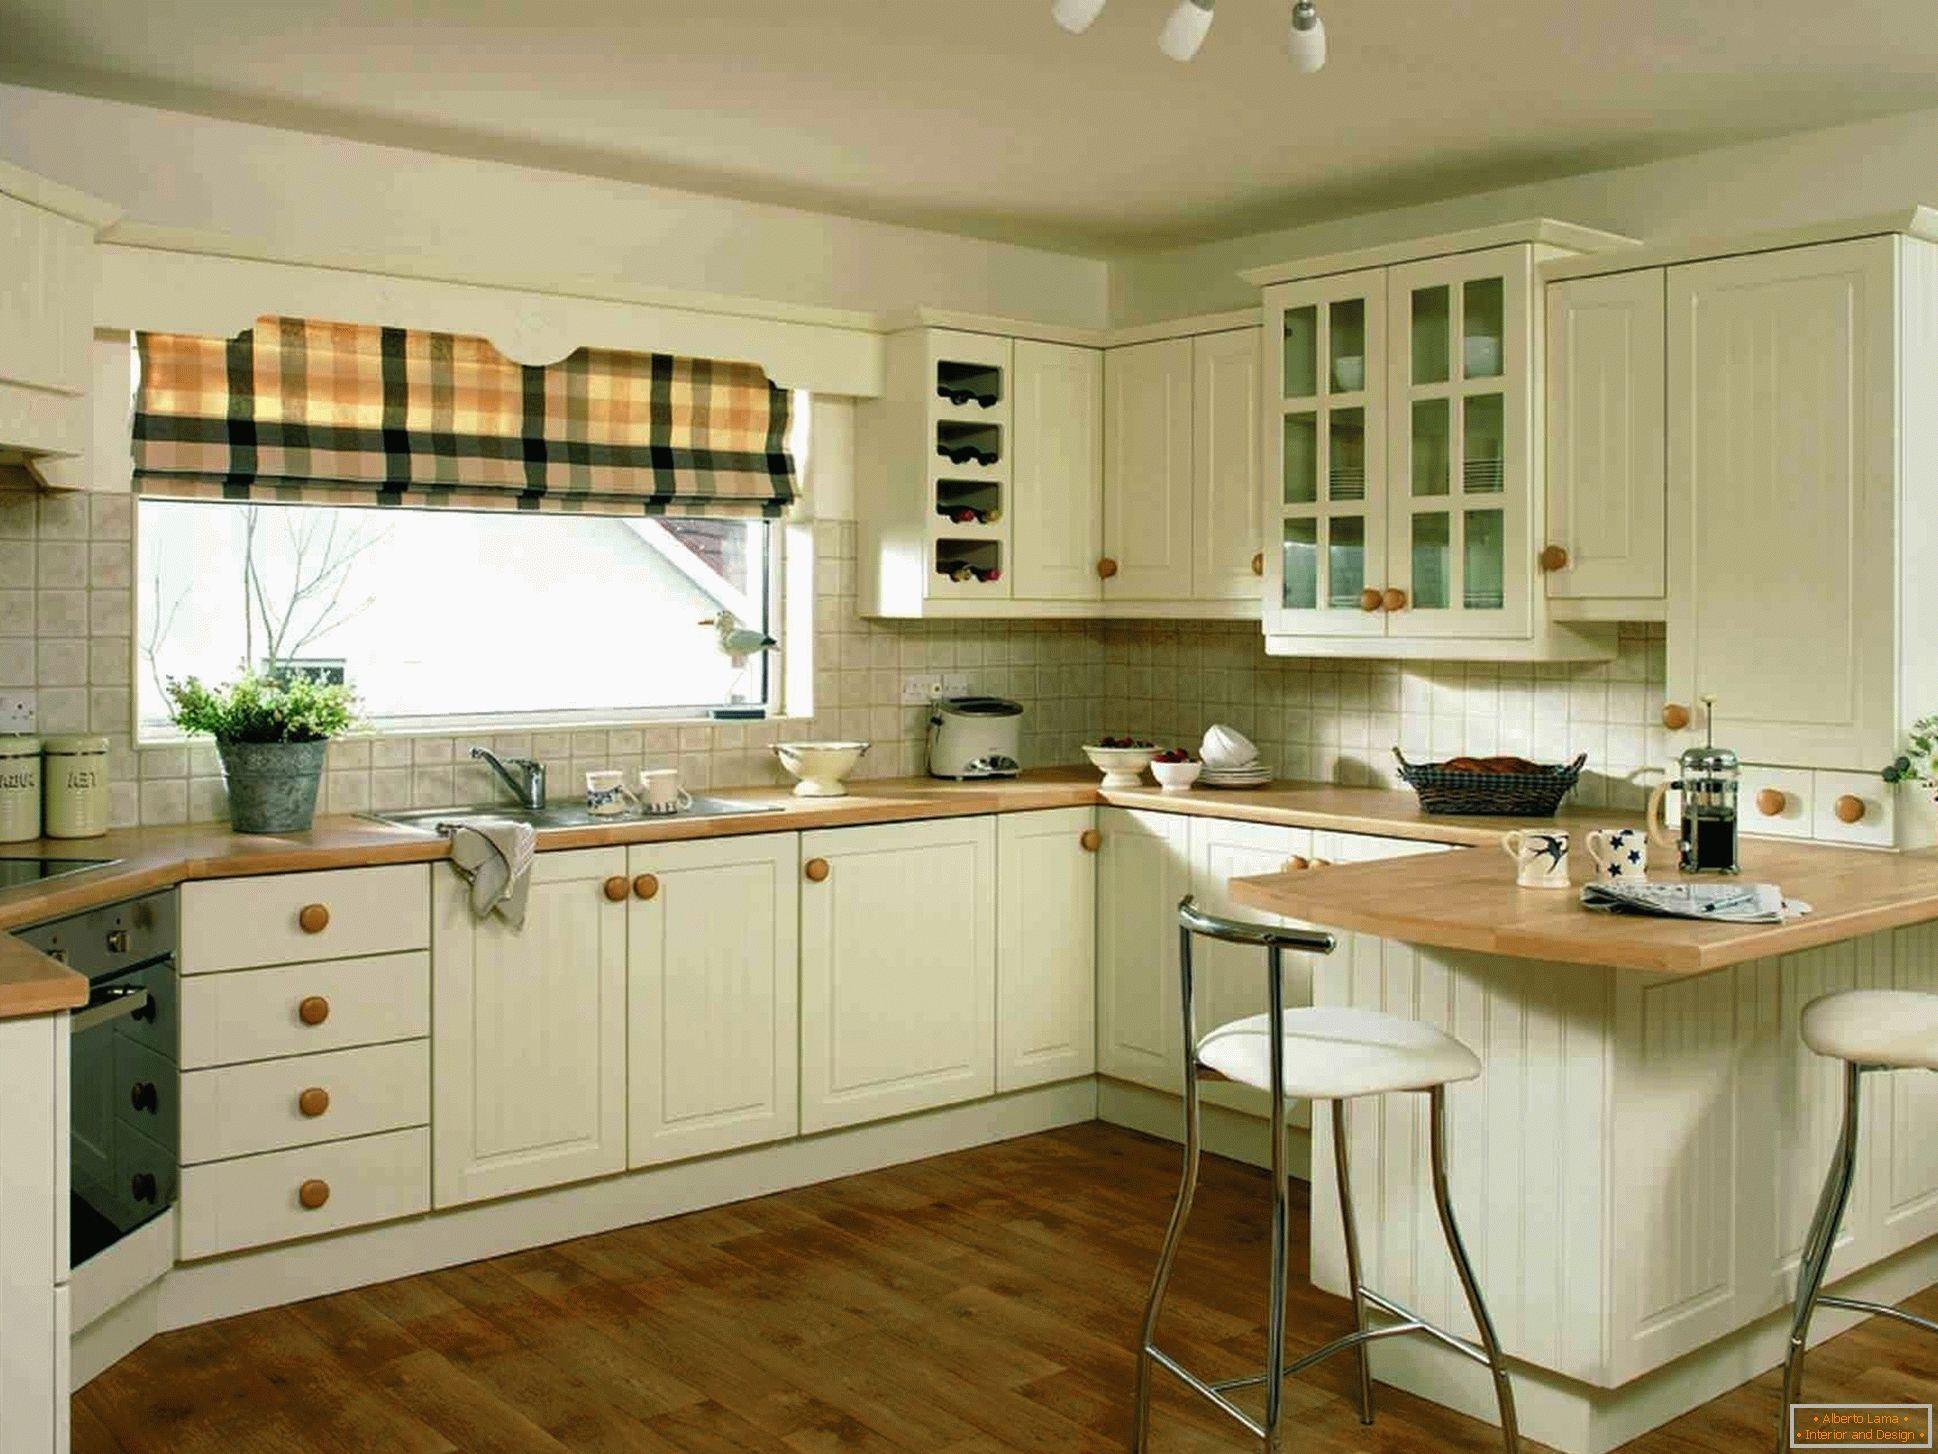 Projekt Kuchni Z Oknem 60 Przykladow Zdjec